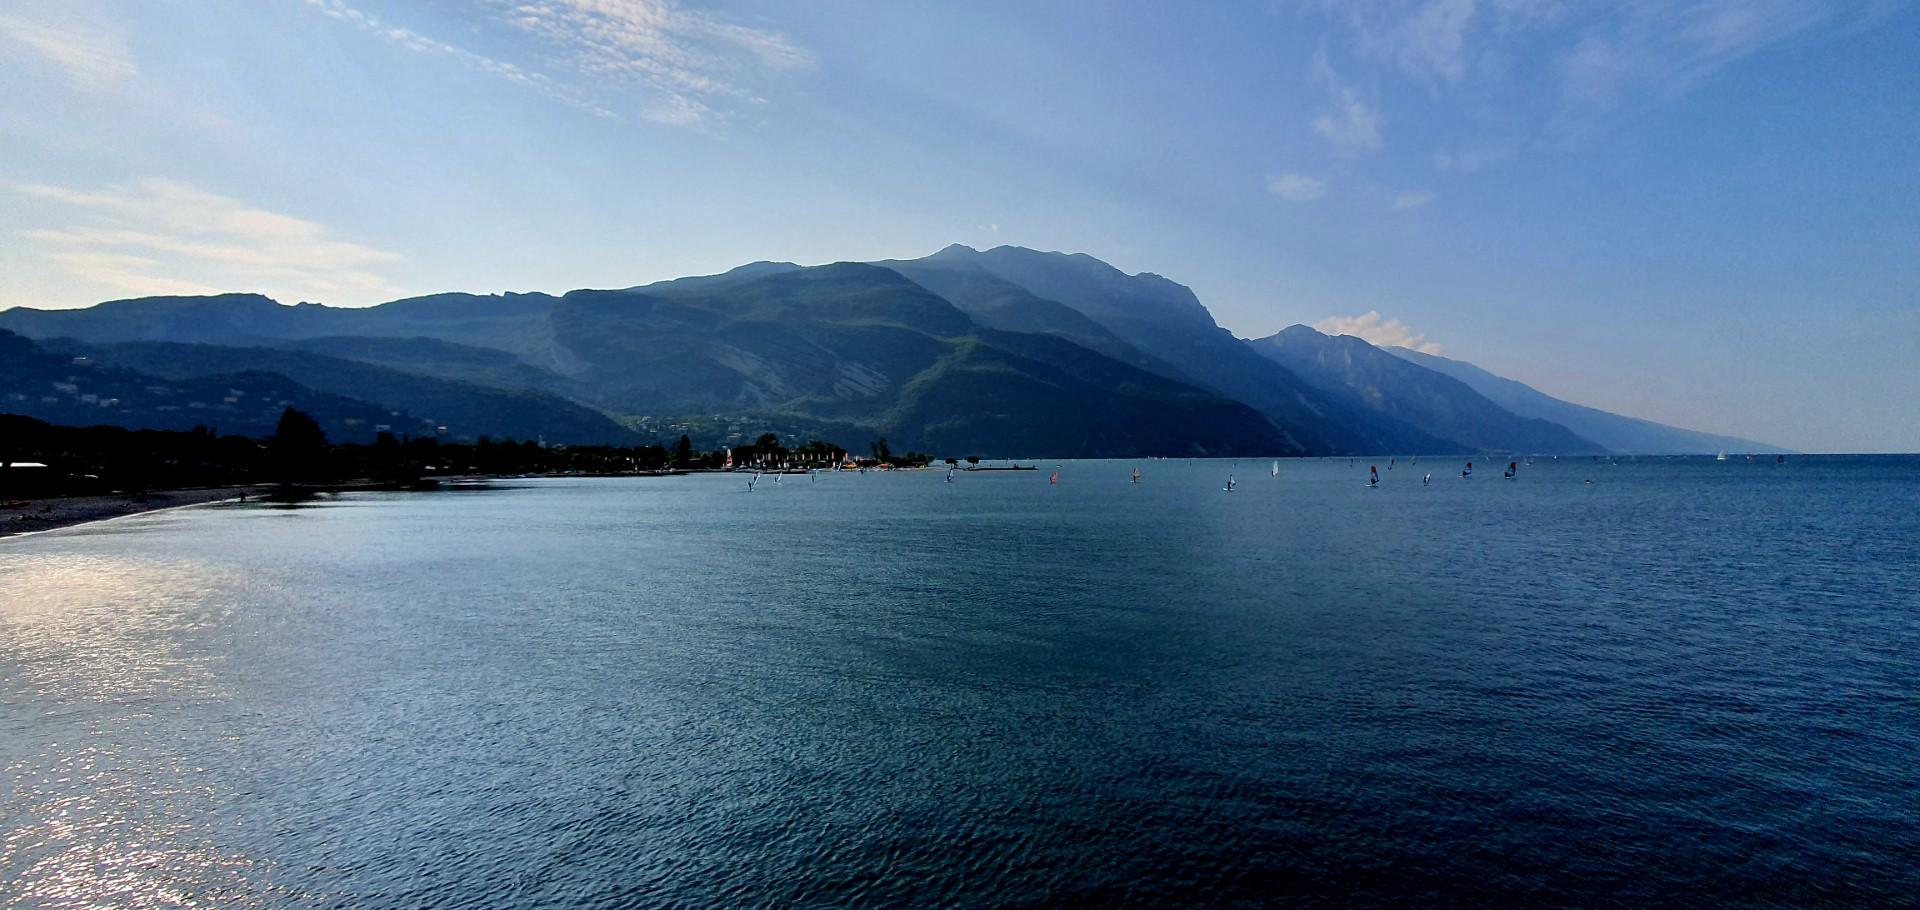 Jezioro Garda, tłum windsurferów z górami w tle w słoneczny dzień.